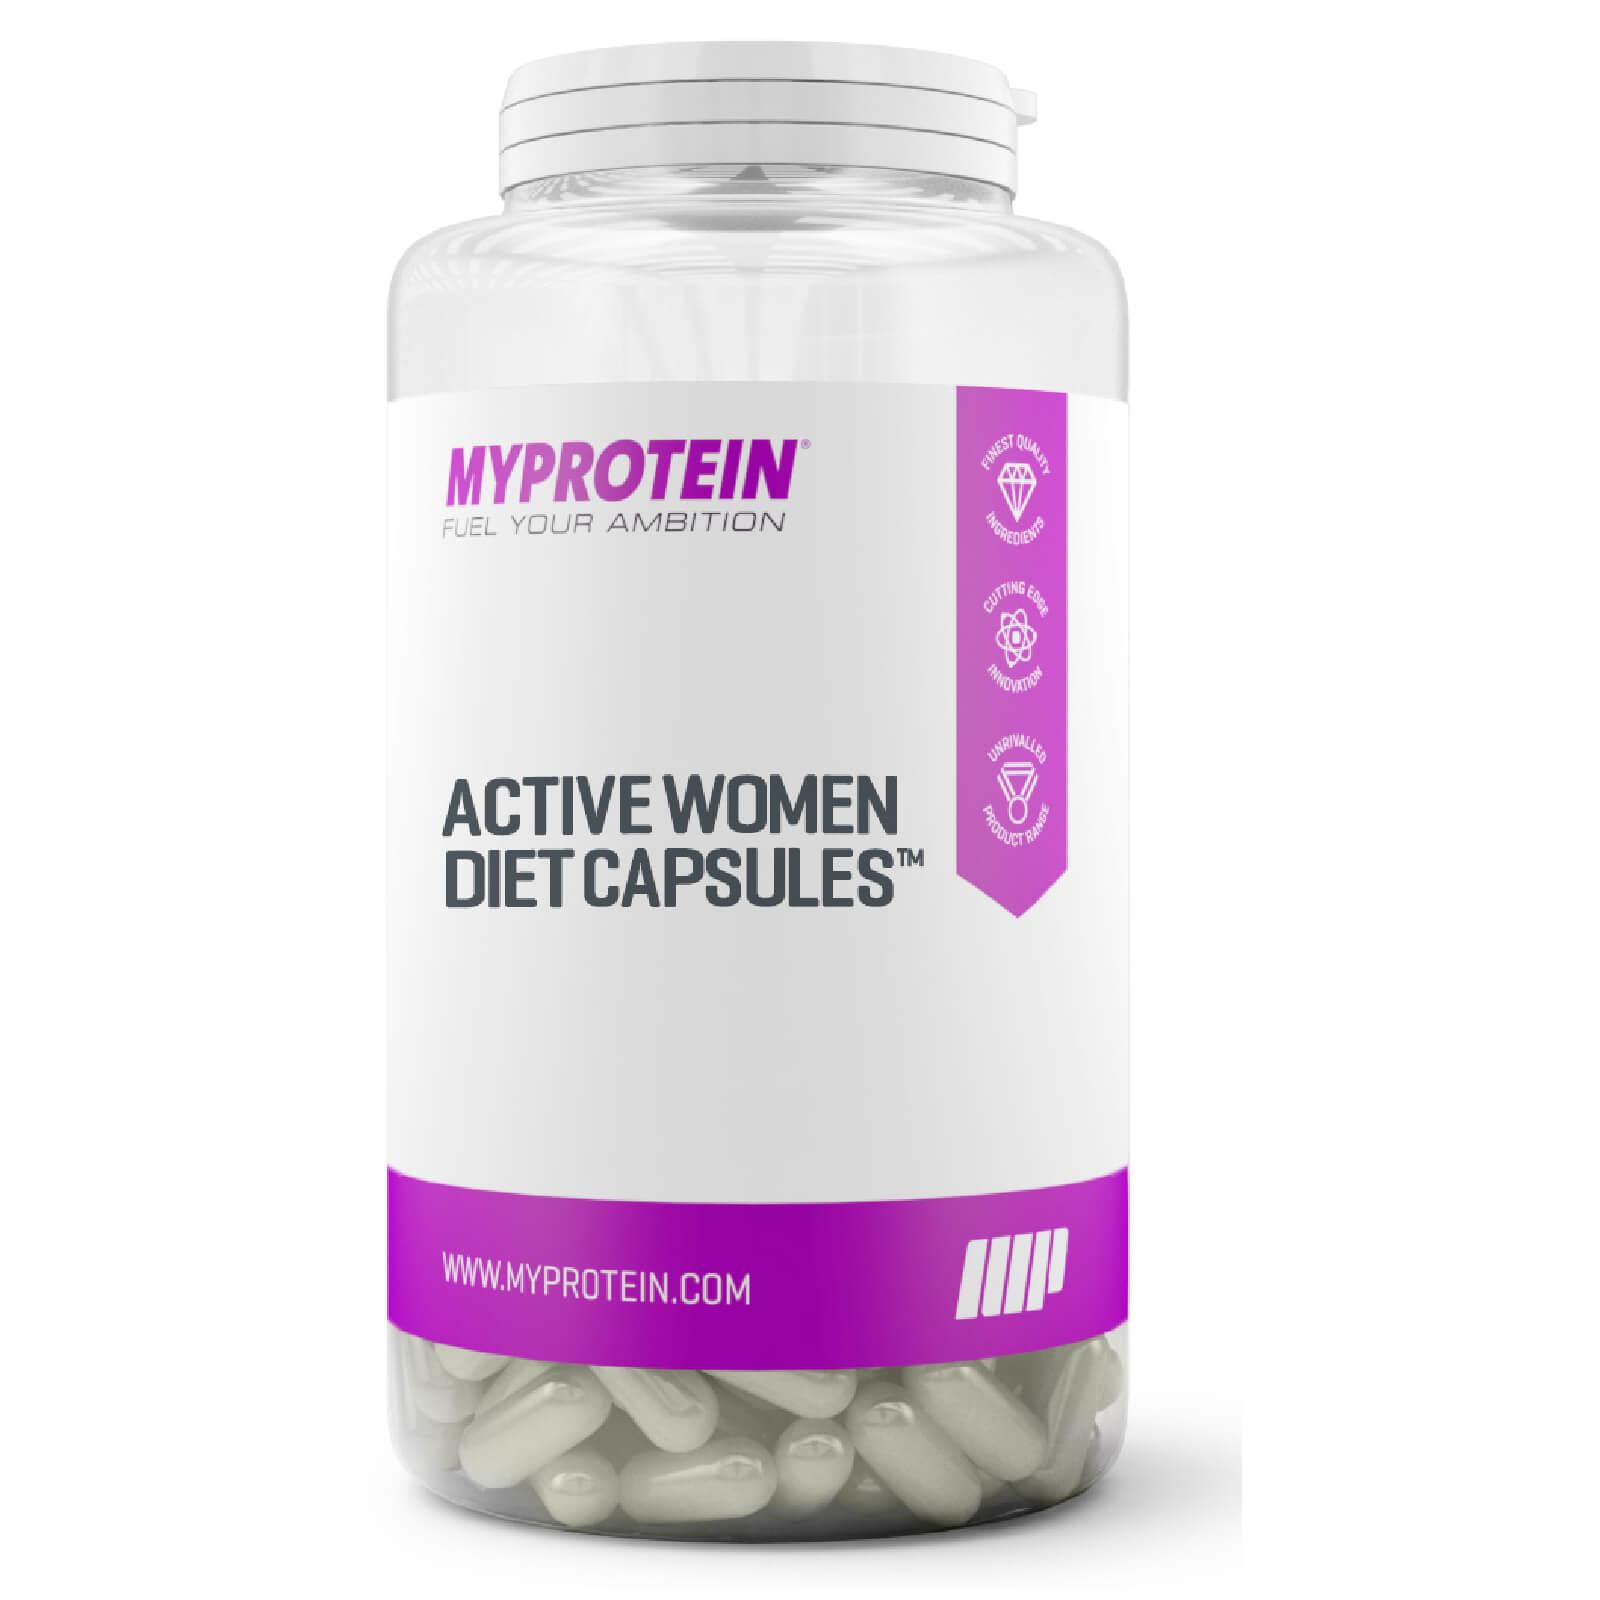 Active Women Diet Capsules™